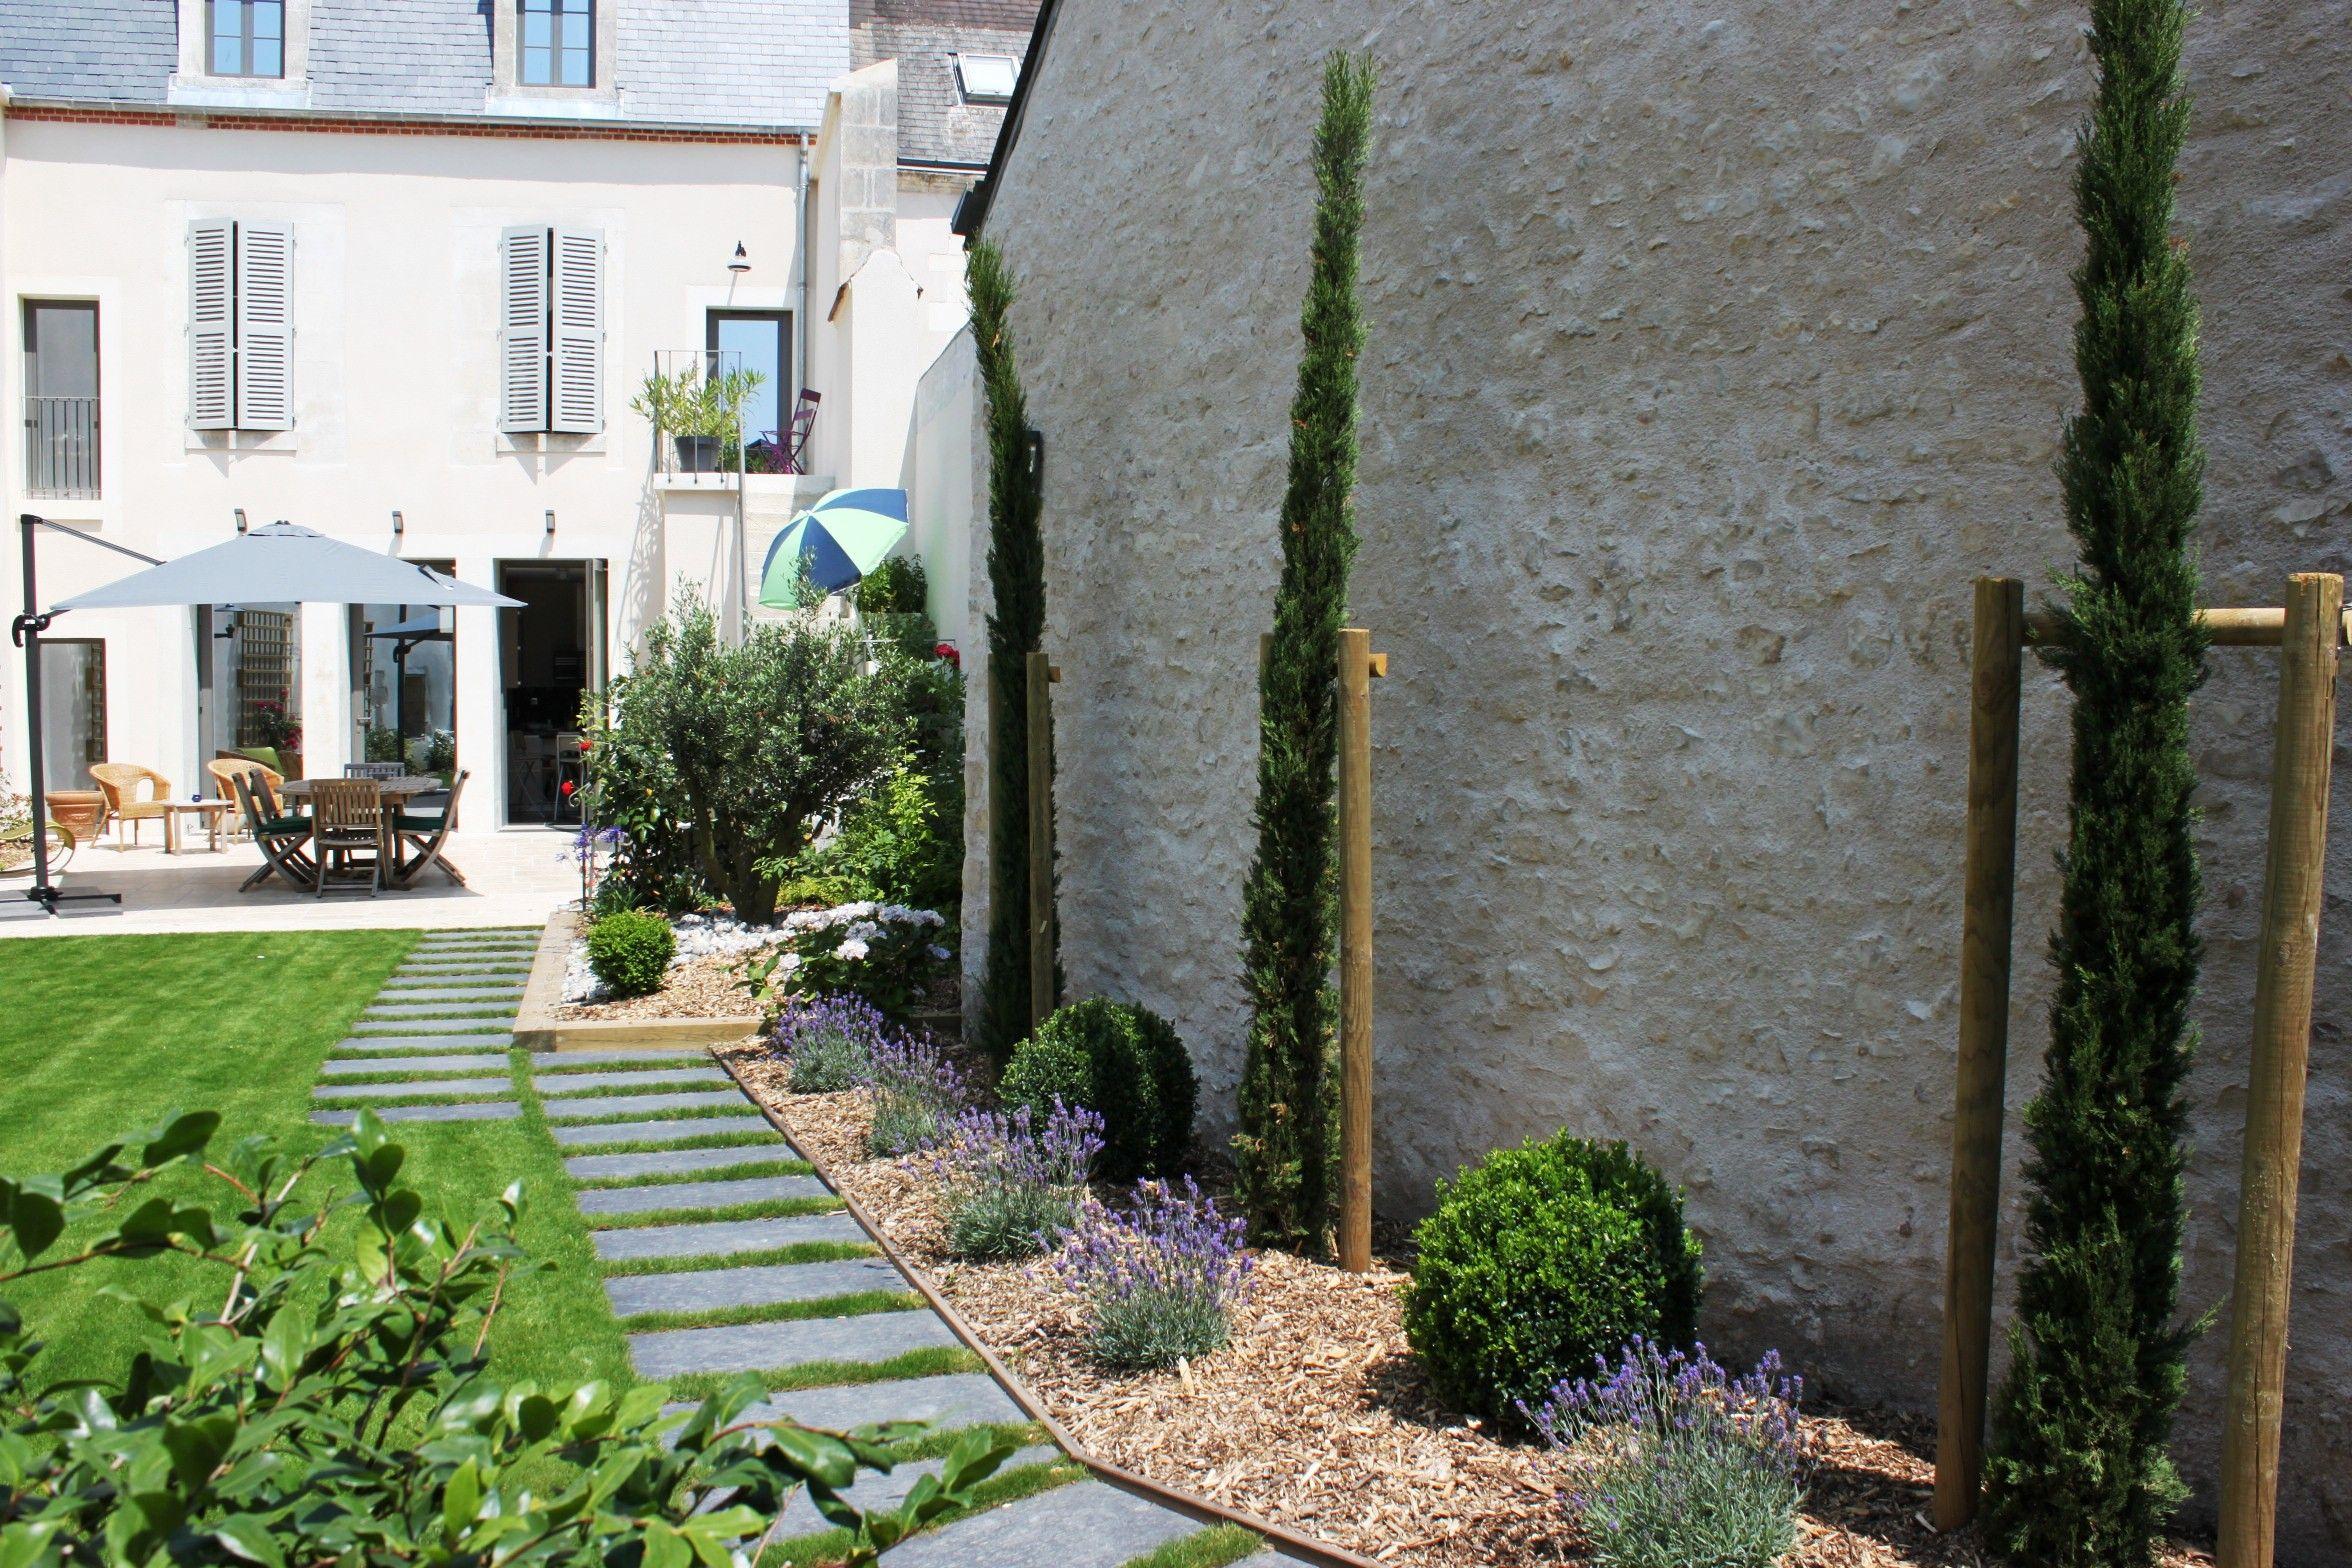 Cypr s de provence buis taill s lavande et larges dalles - Creer un jardin mediterraneen avignon ...